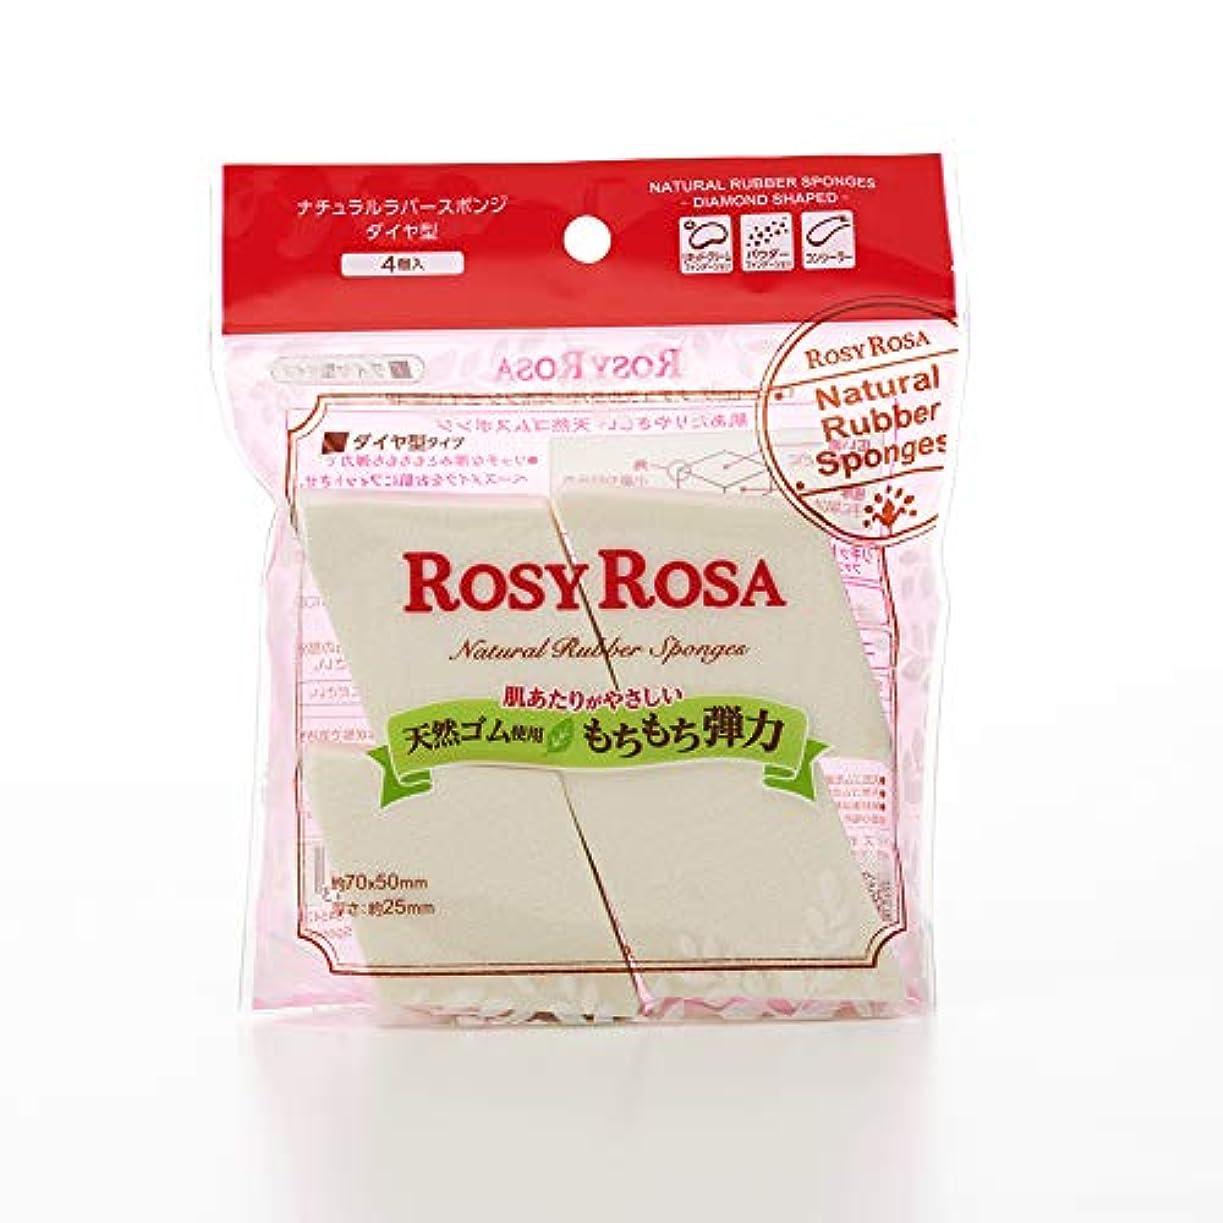 ロージーローザ ナチュラルラバースポンジ ダイヤ型 4個入 【肌あたりがやさしい天然ゴムスポンジ】